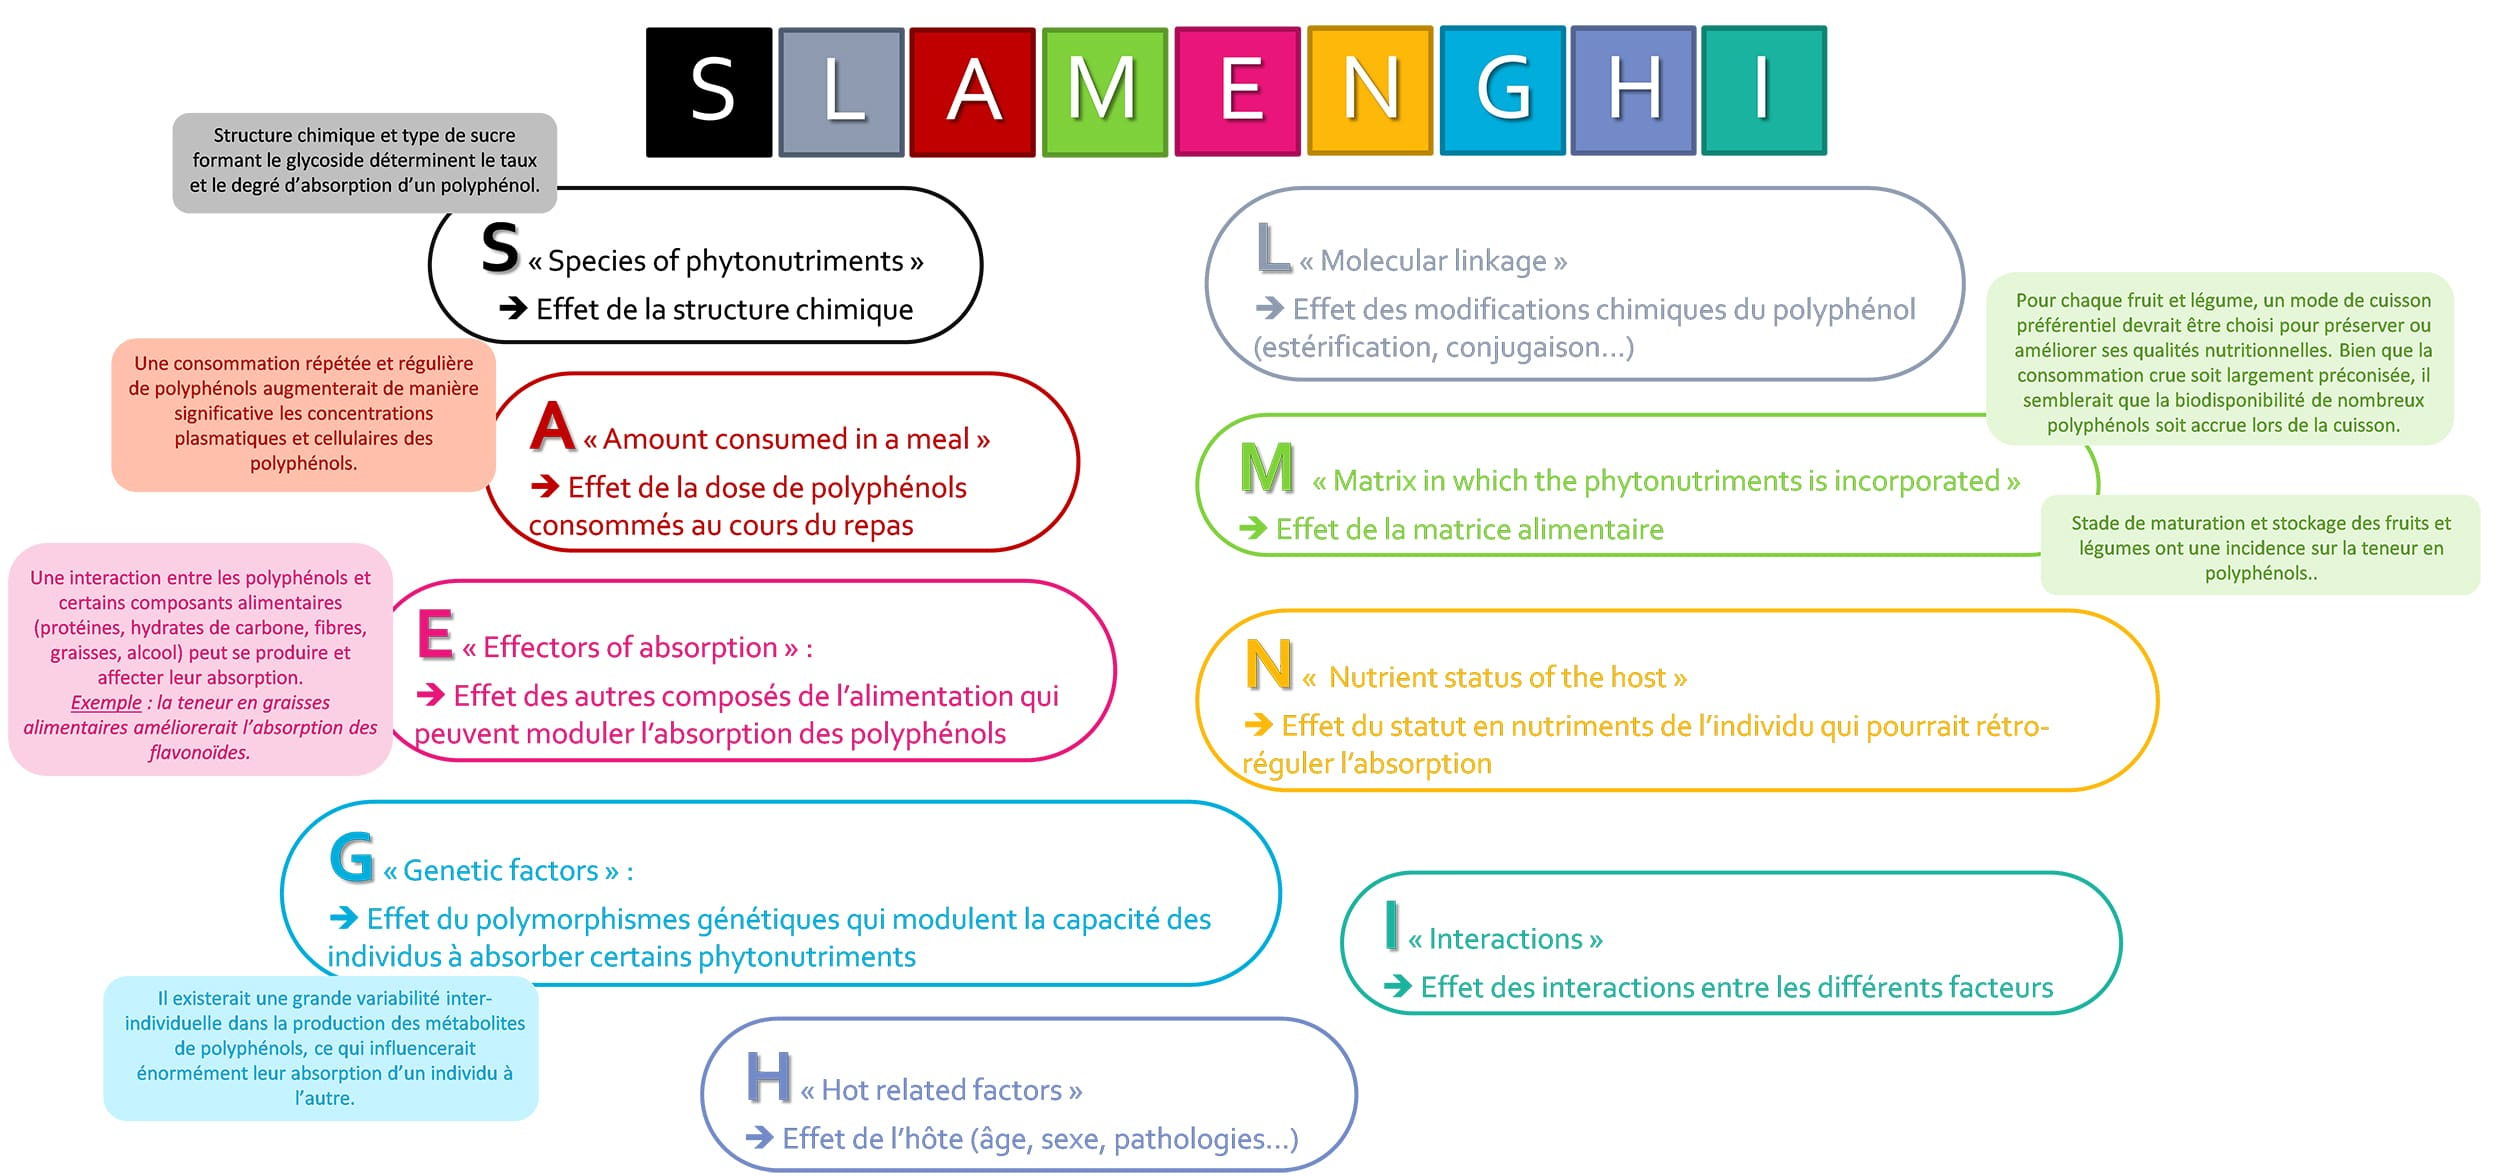 mnémotechnique SLAMENGHI pour le biodisponibilité des polyphénols, sur Nutrixeal Info